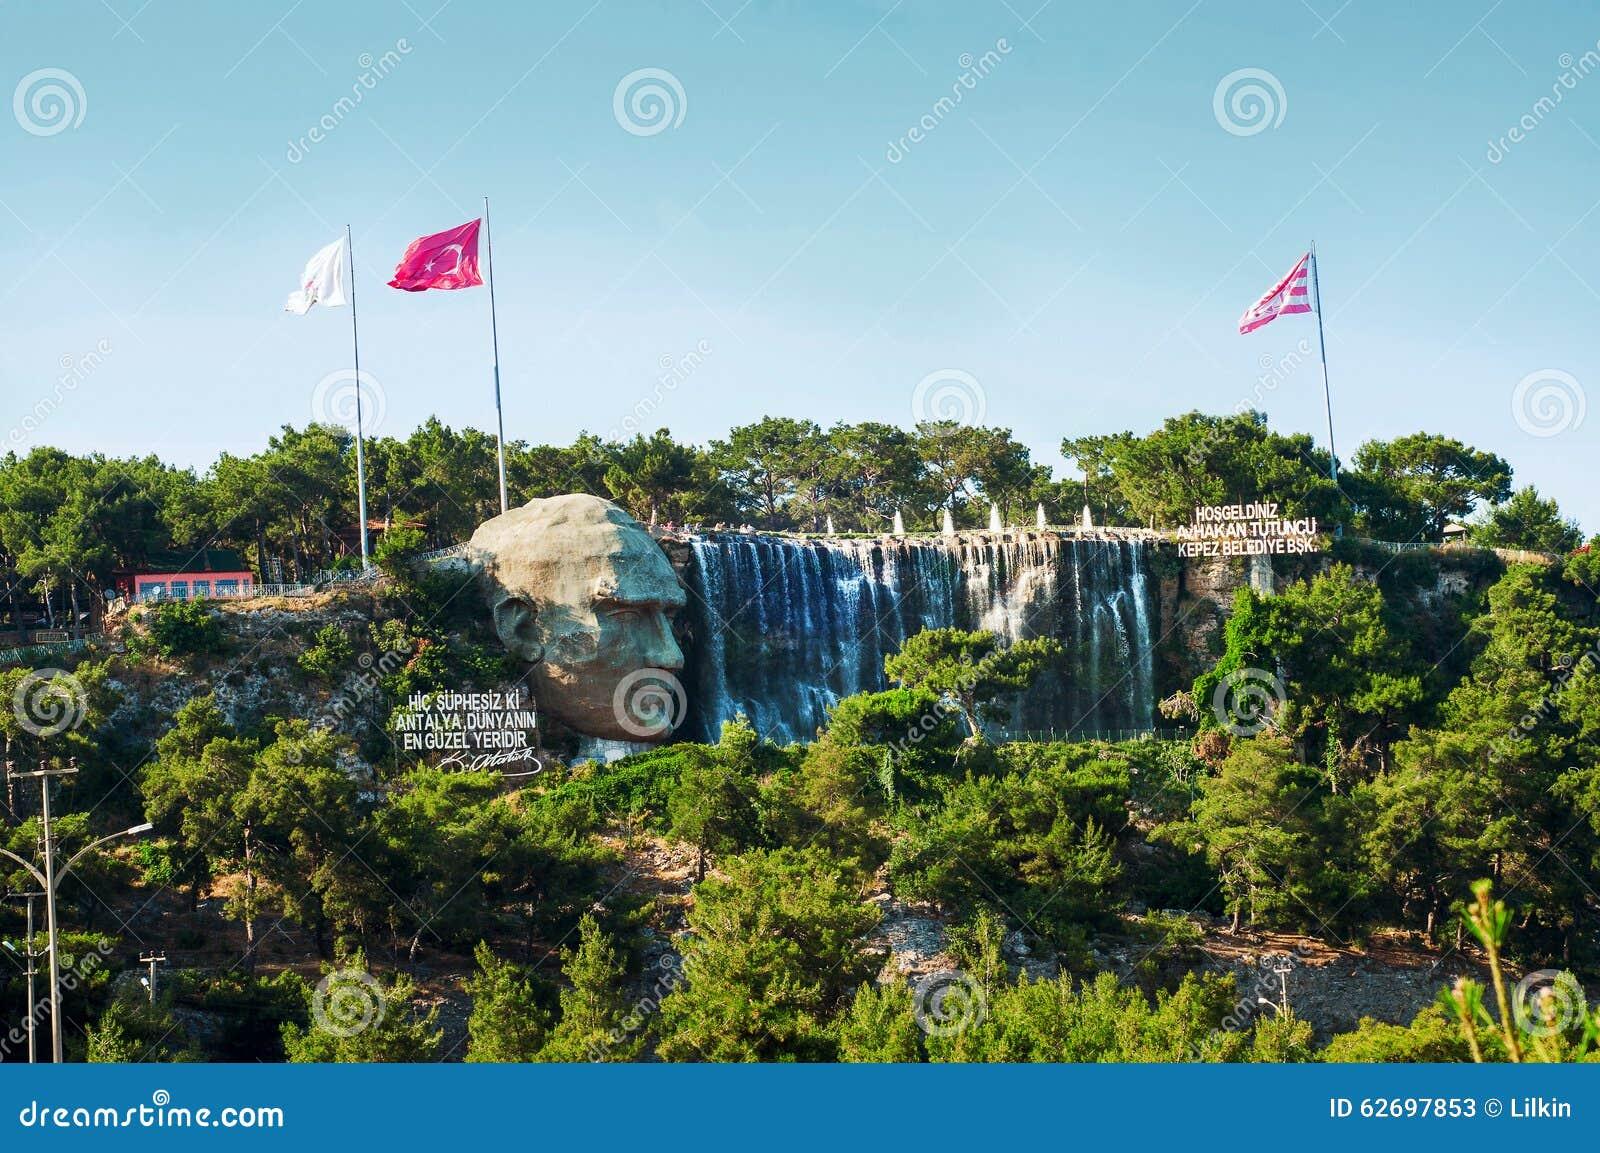 Ataturk relief in Antalya, Turkey